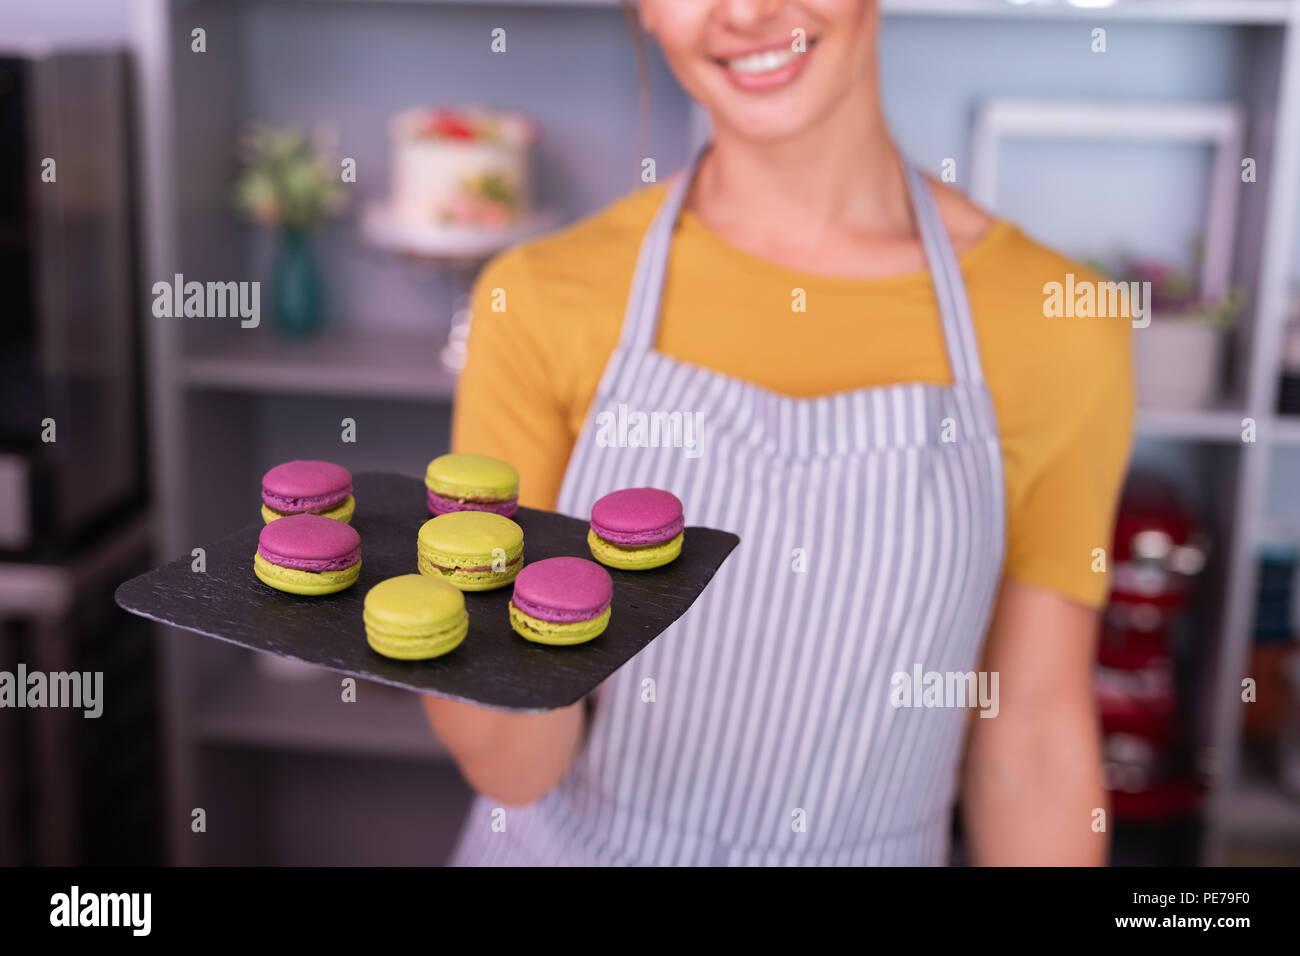 Young baker tout sourire après la cuisson des macarons Photo Stock